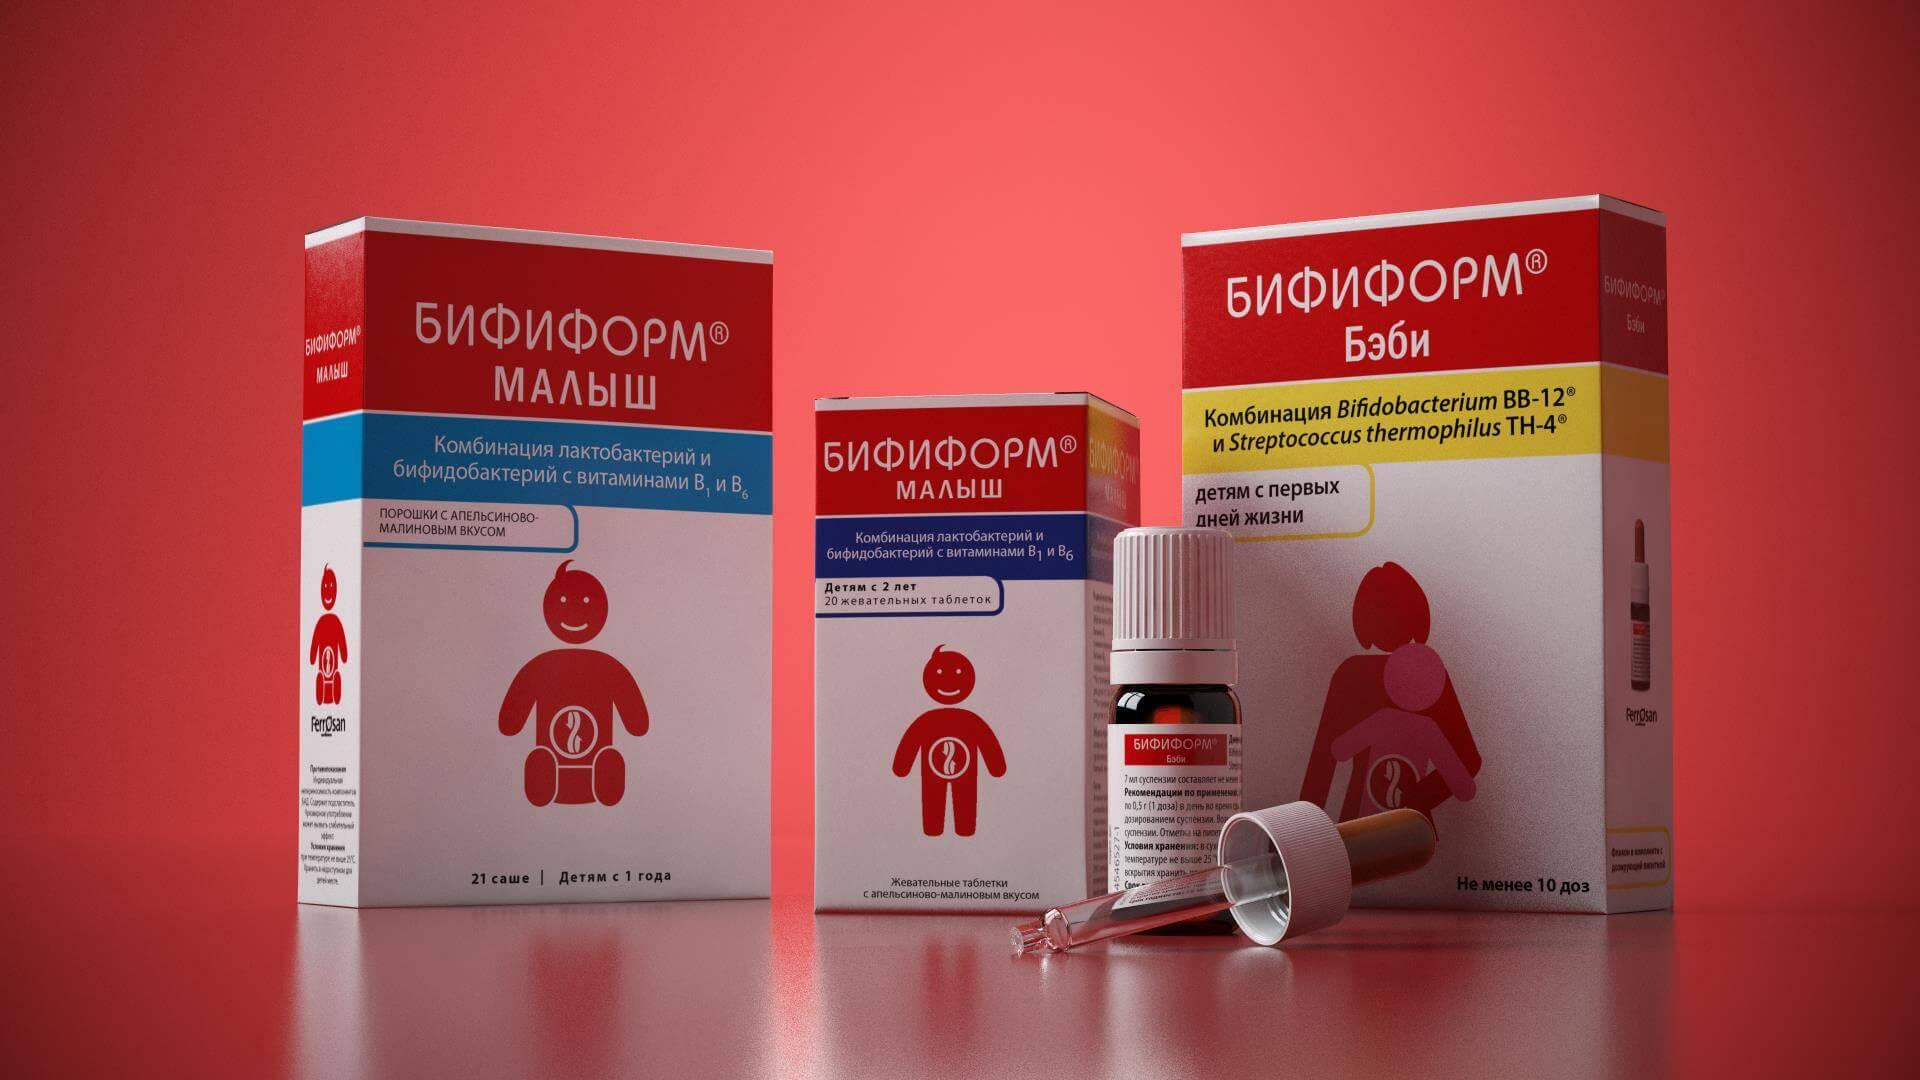 Бифиформ Бэби: инструкция по использованию лечебного средства